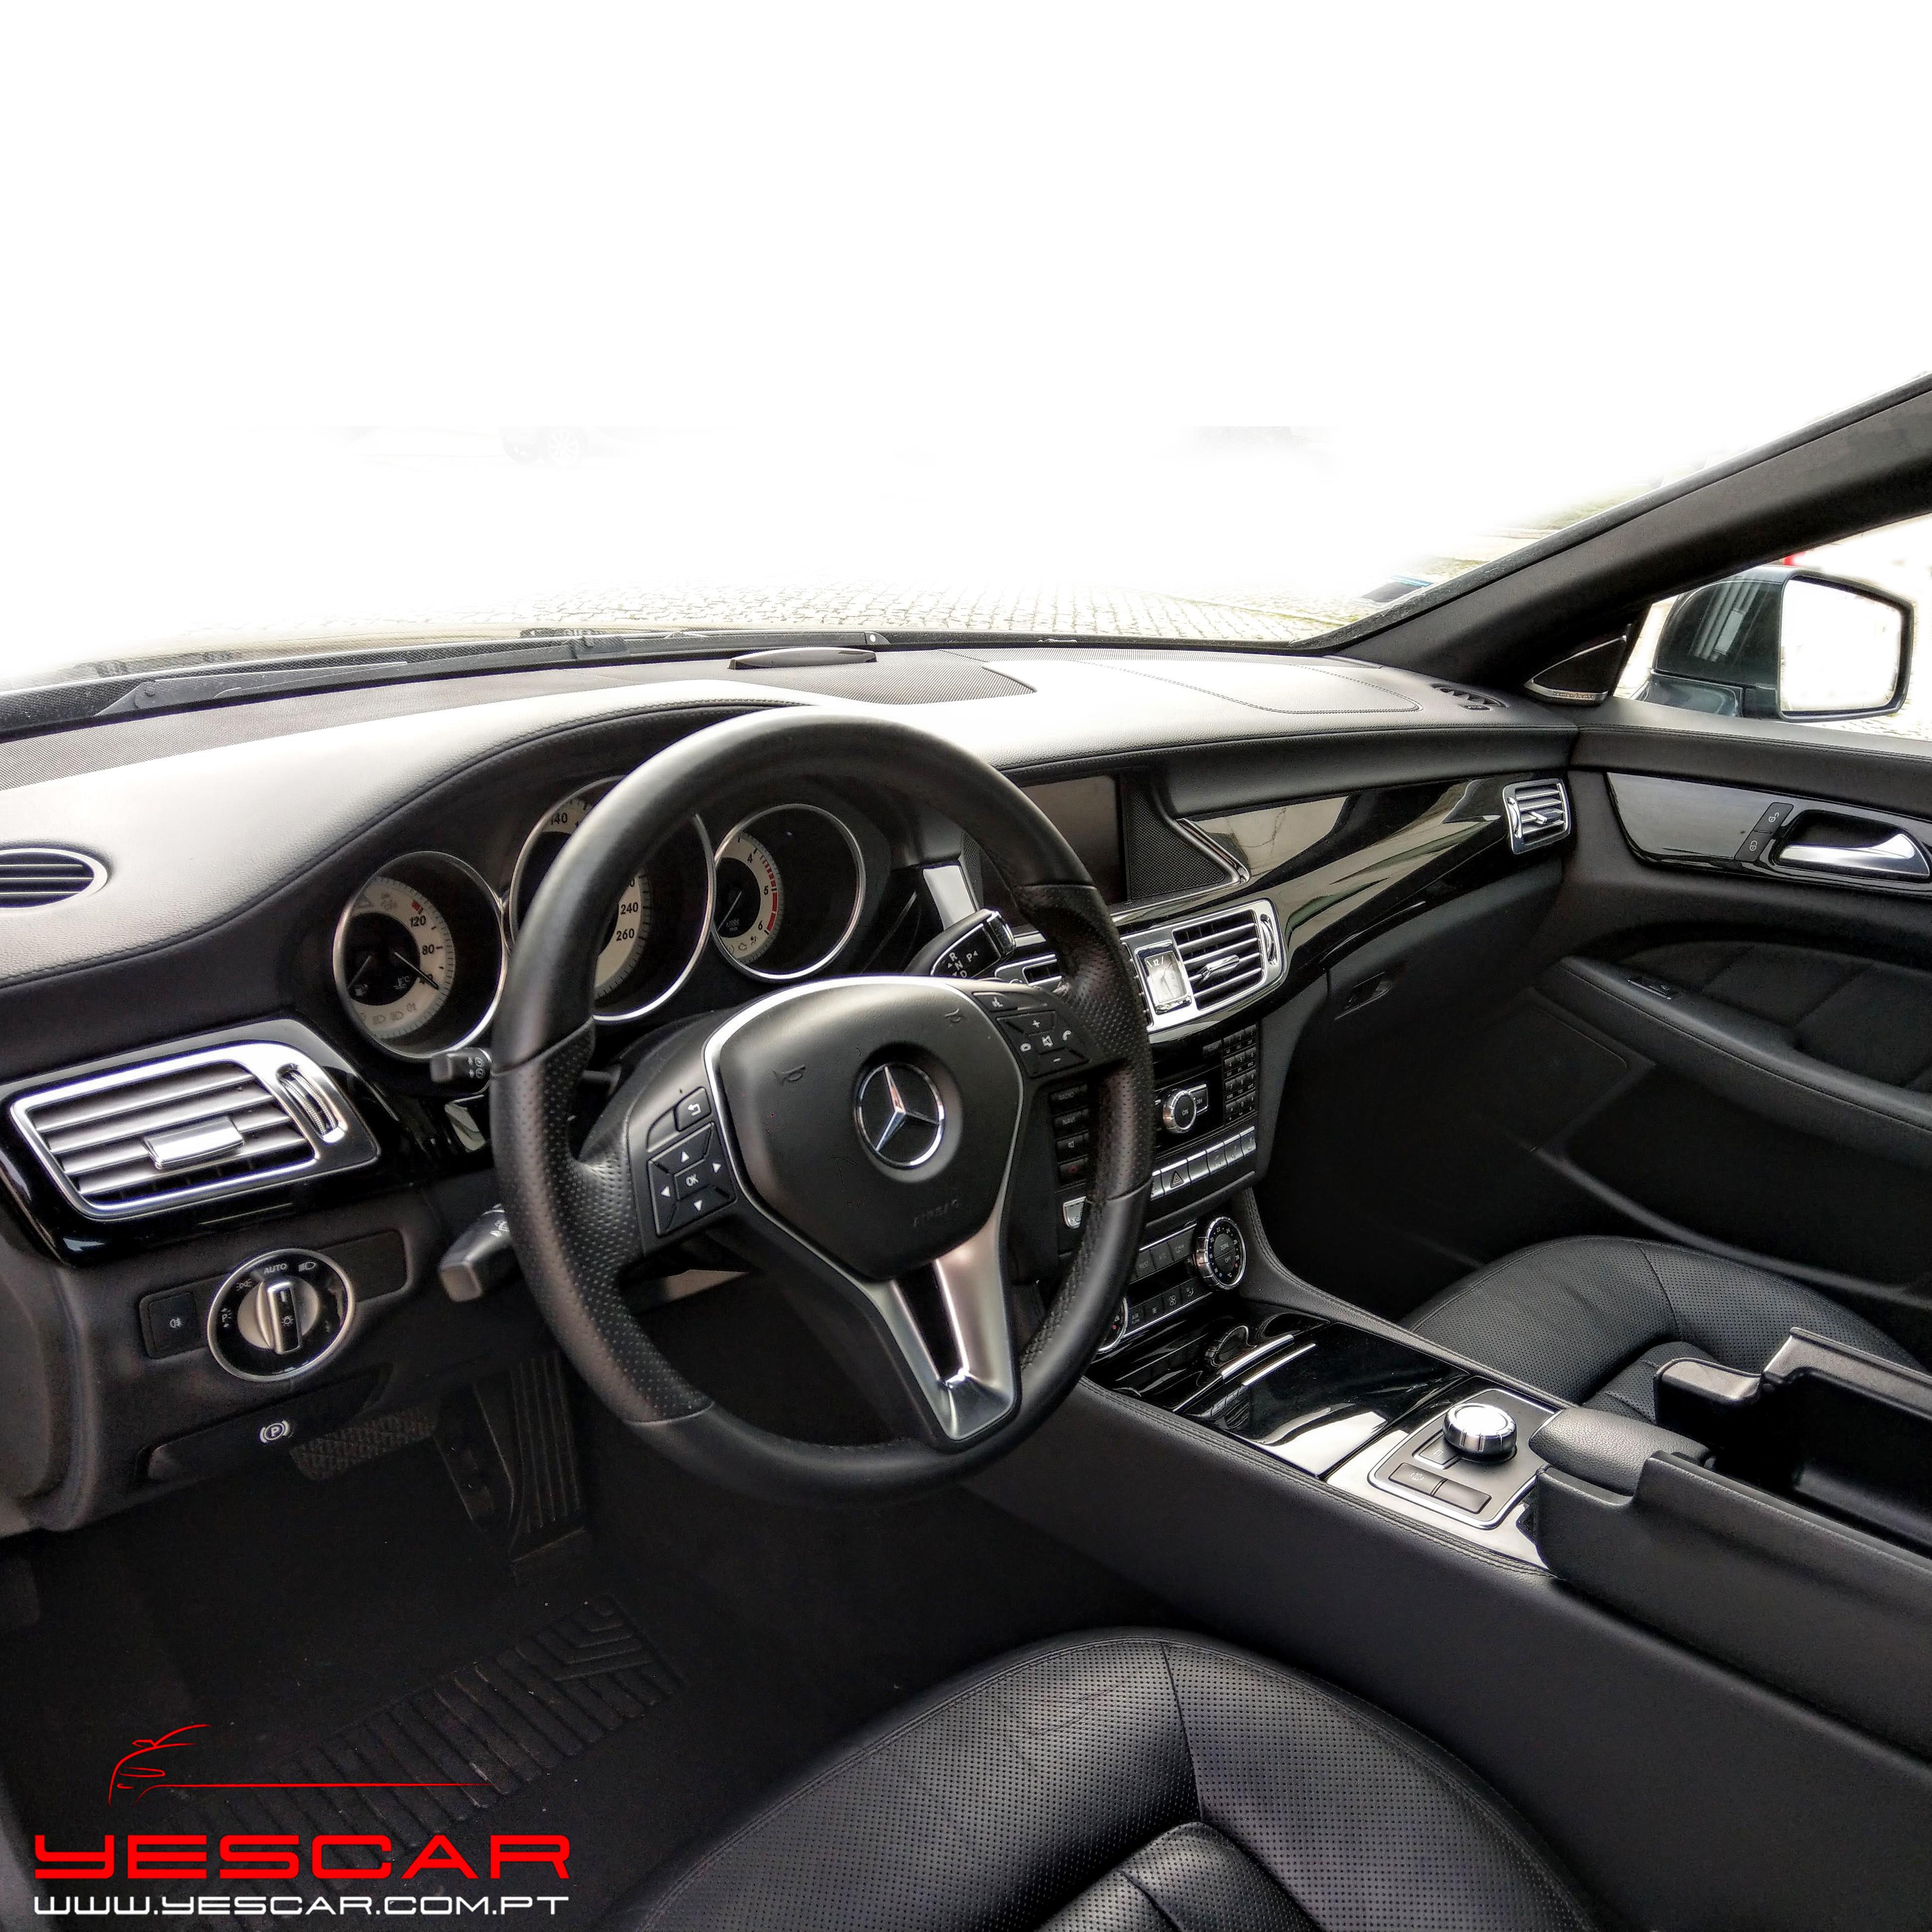 MercedesCLS350_Yescar_Automóveis (16)